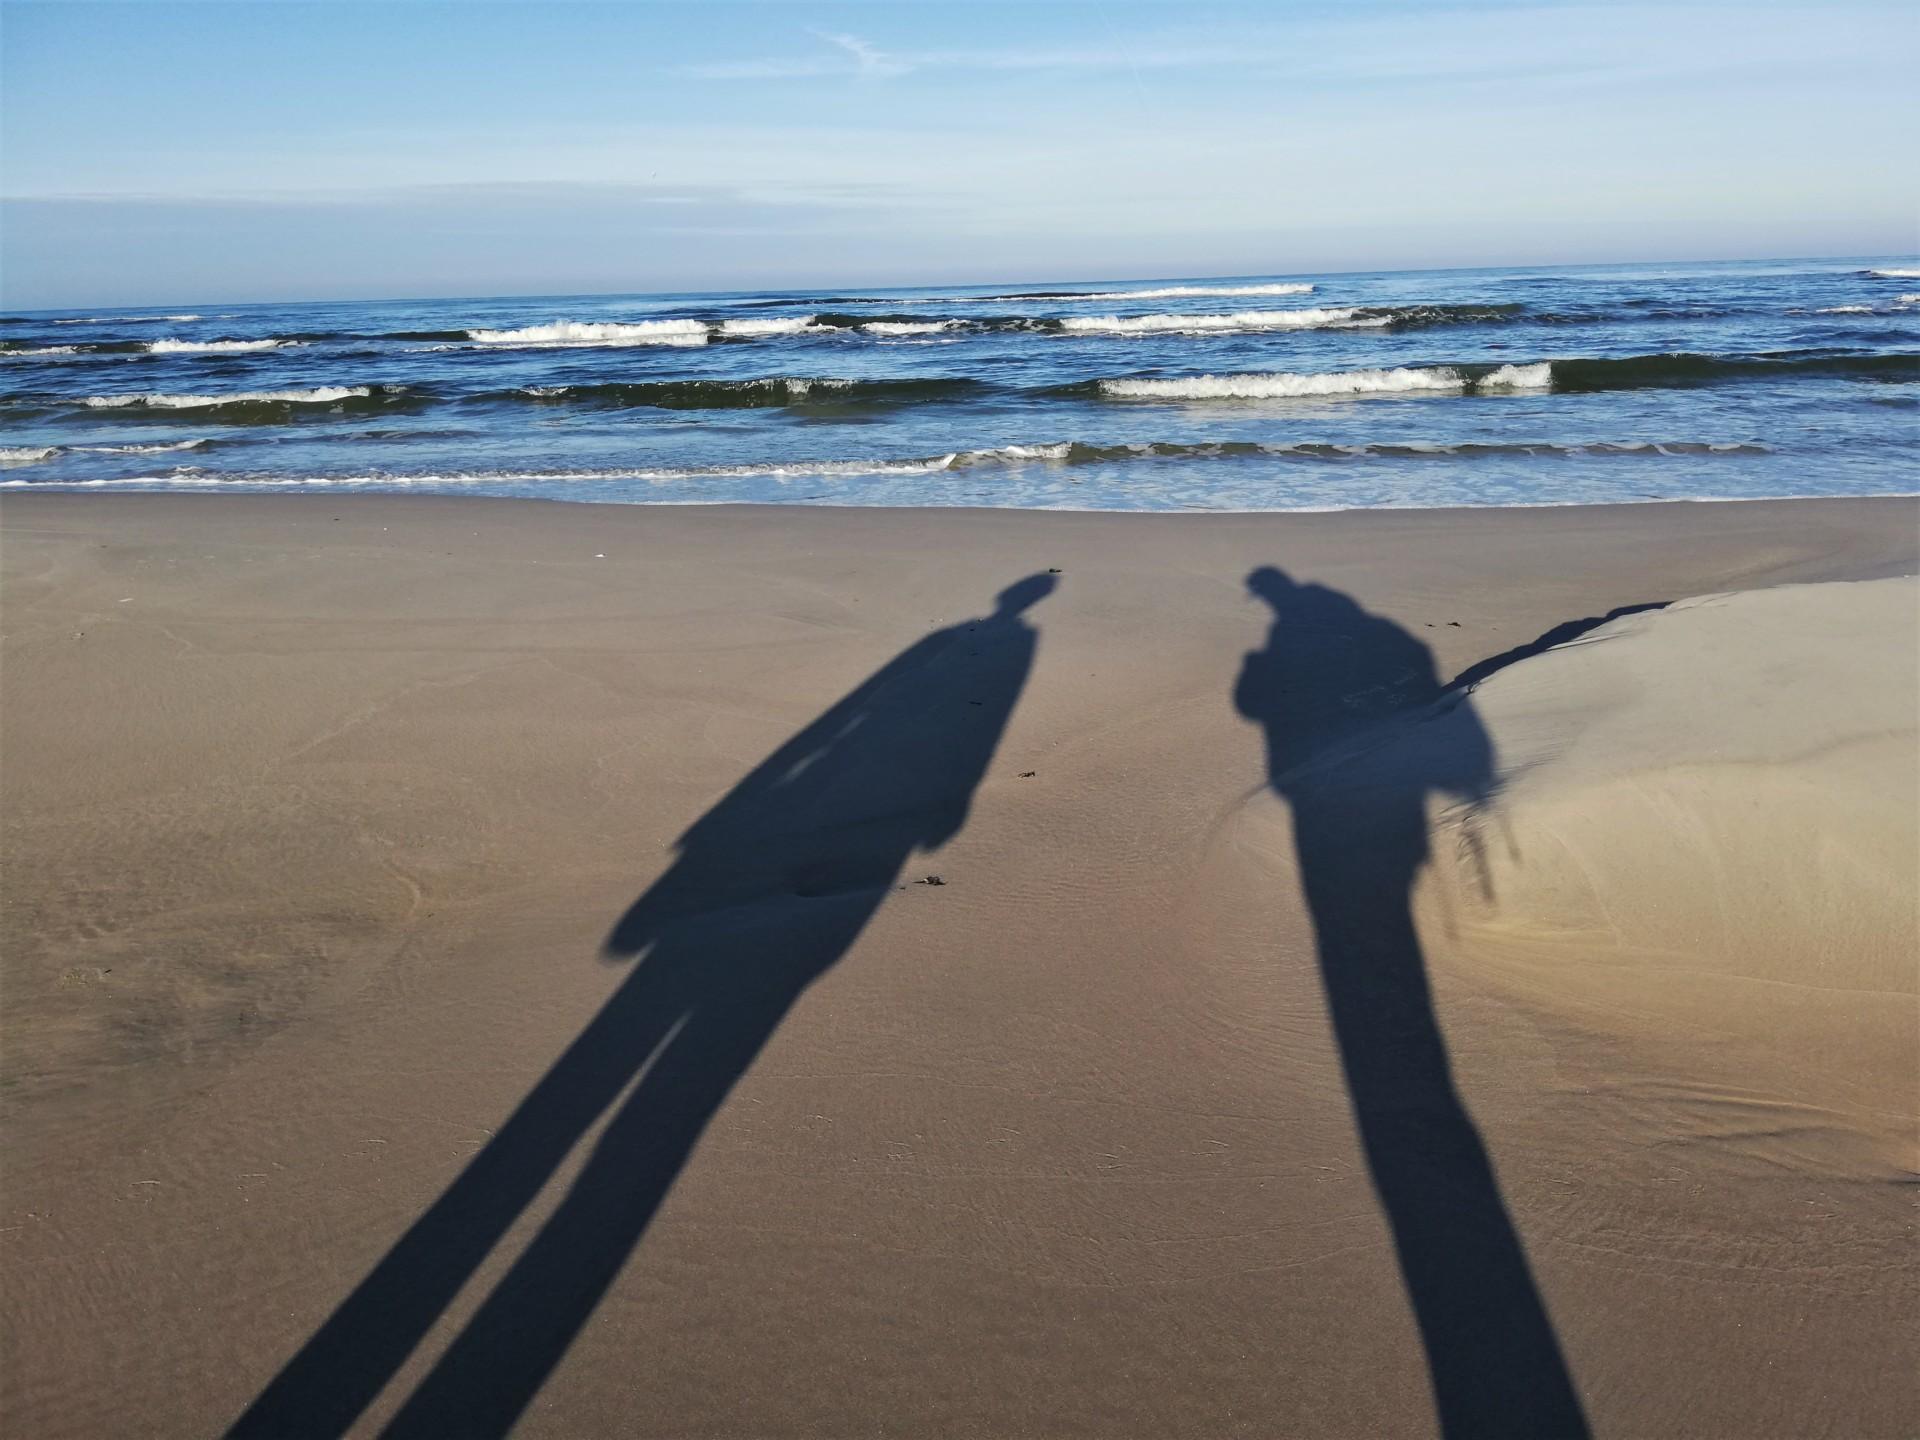 Plaża we władaniu przyrody. Lubiatowo - Kopalino, listopad 2019 2